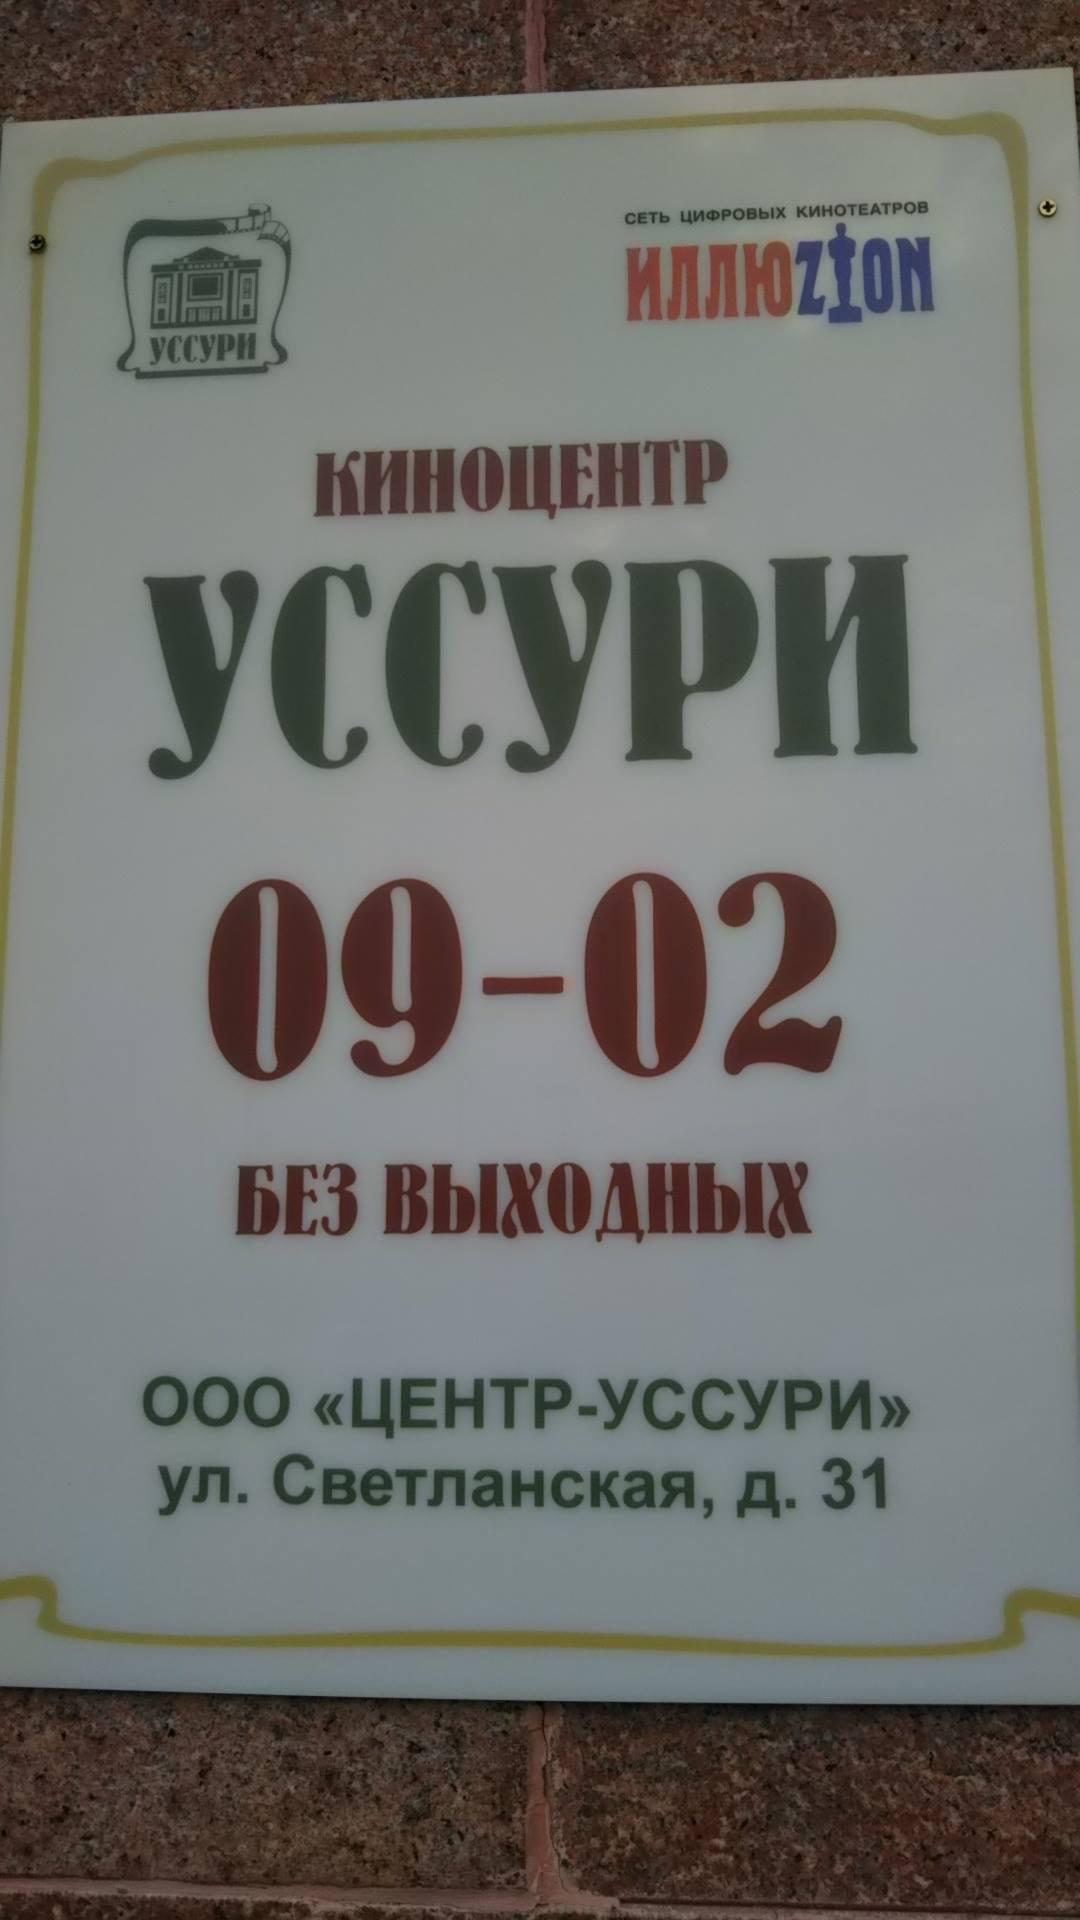 31144205_1358945297539905_2321569083507605504_n.jpg